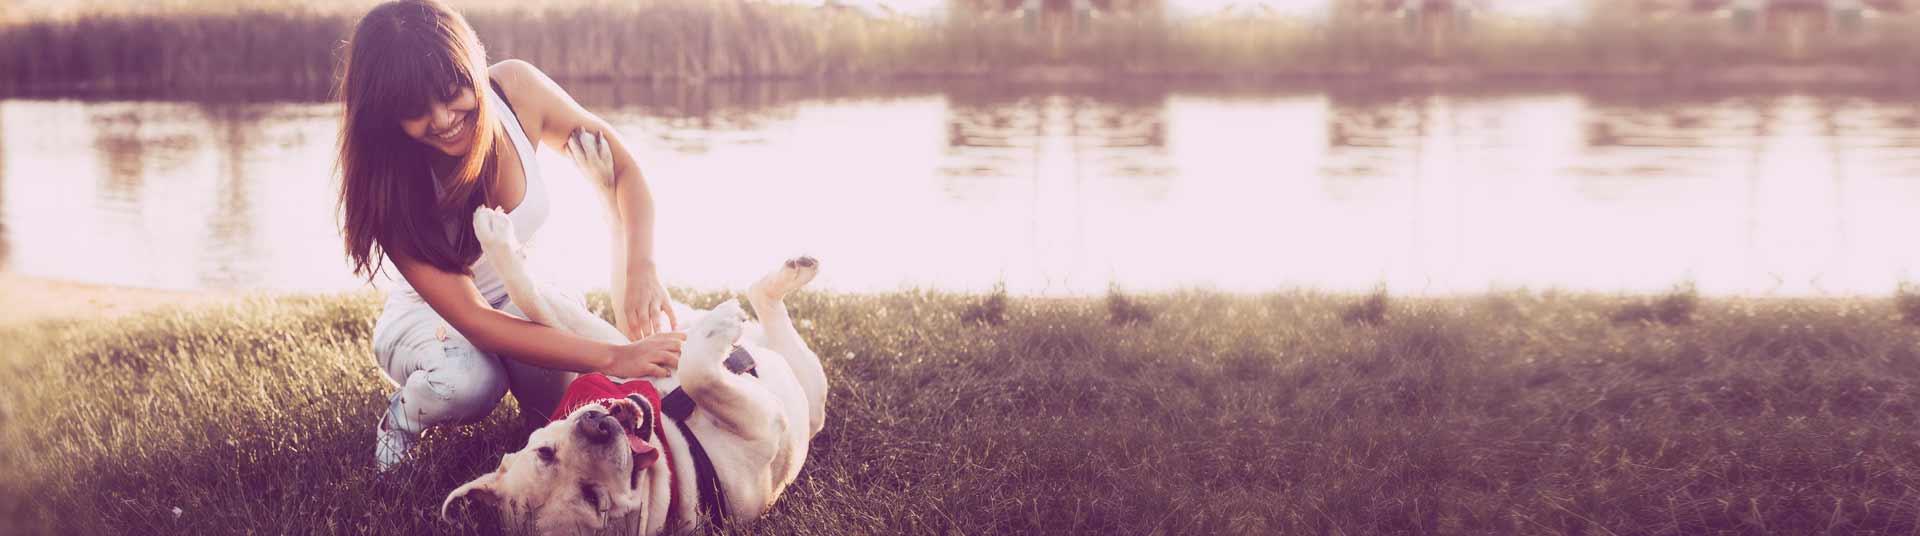 pet-sitter-jouant-avec-son-chien-au-bord-de-l-eau